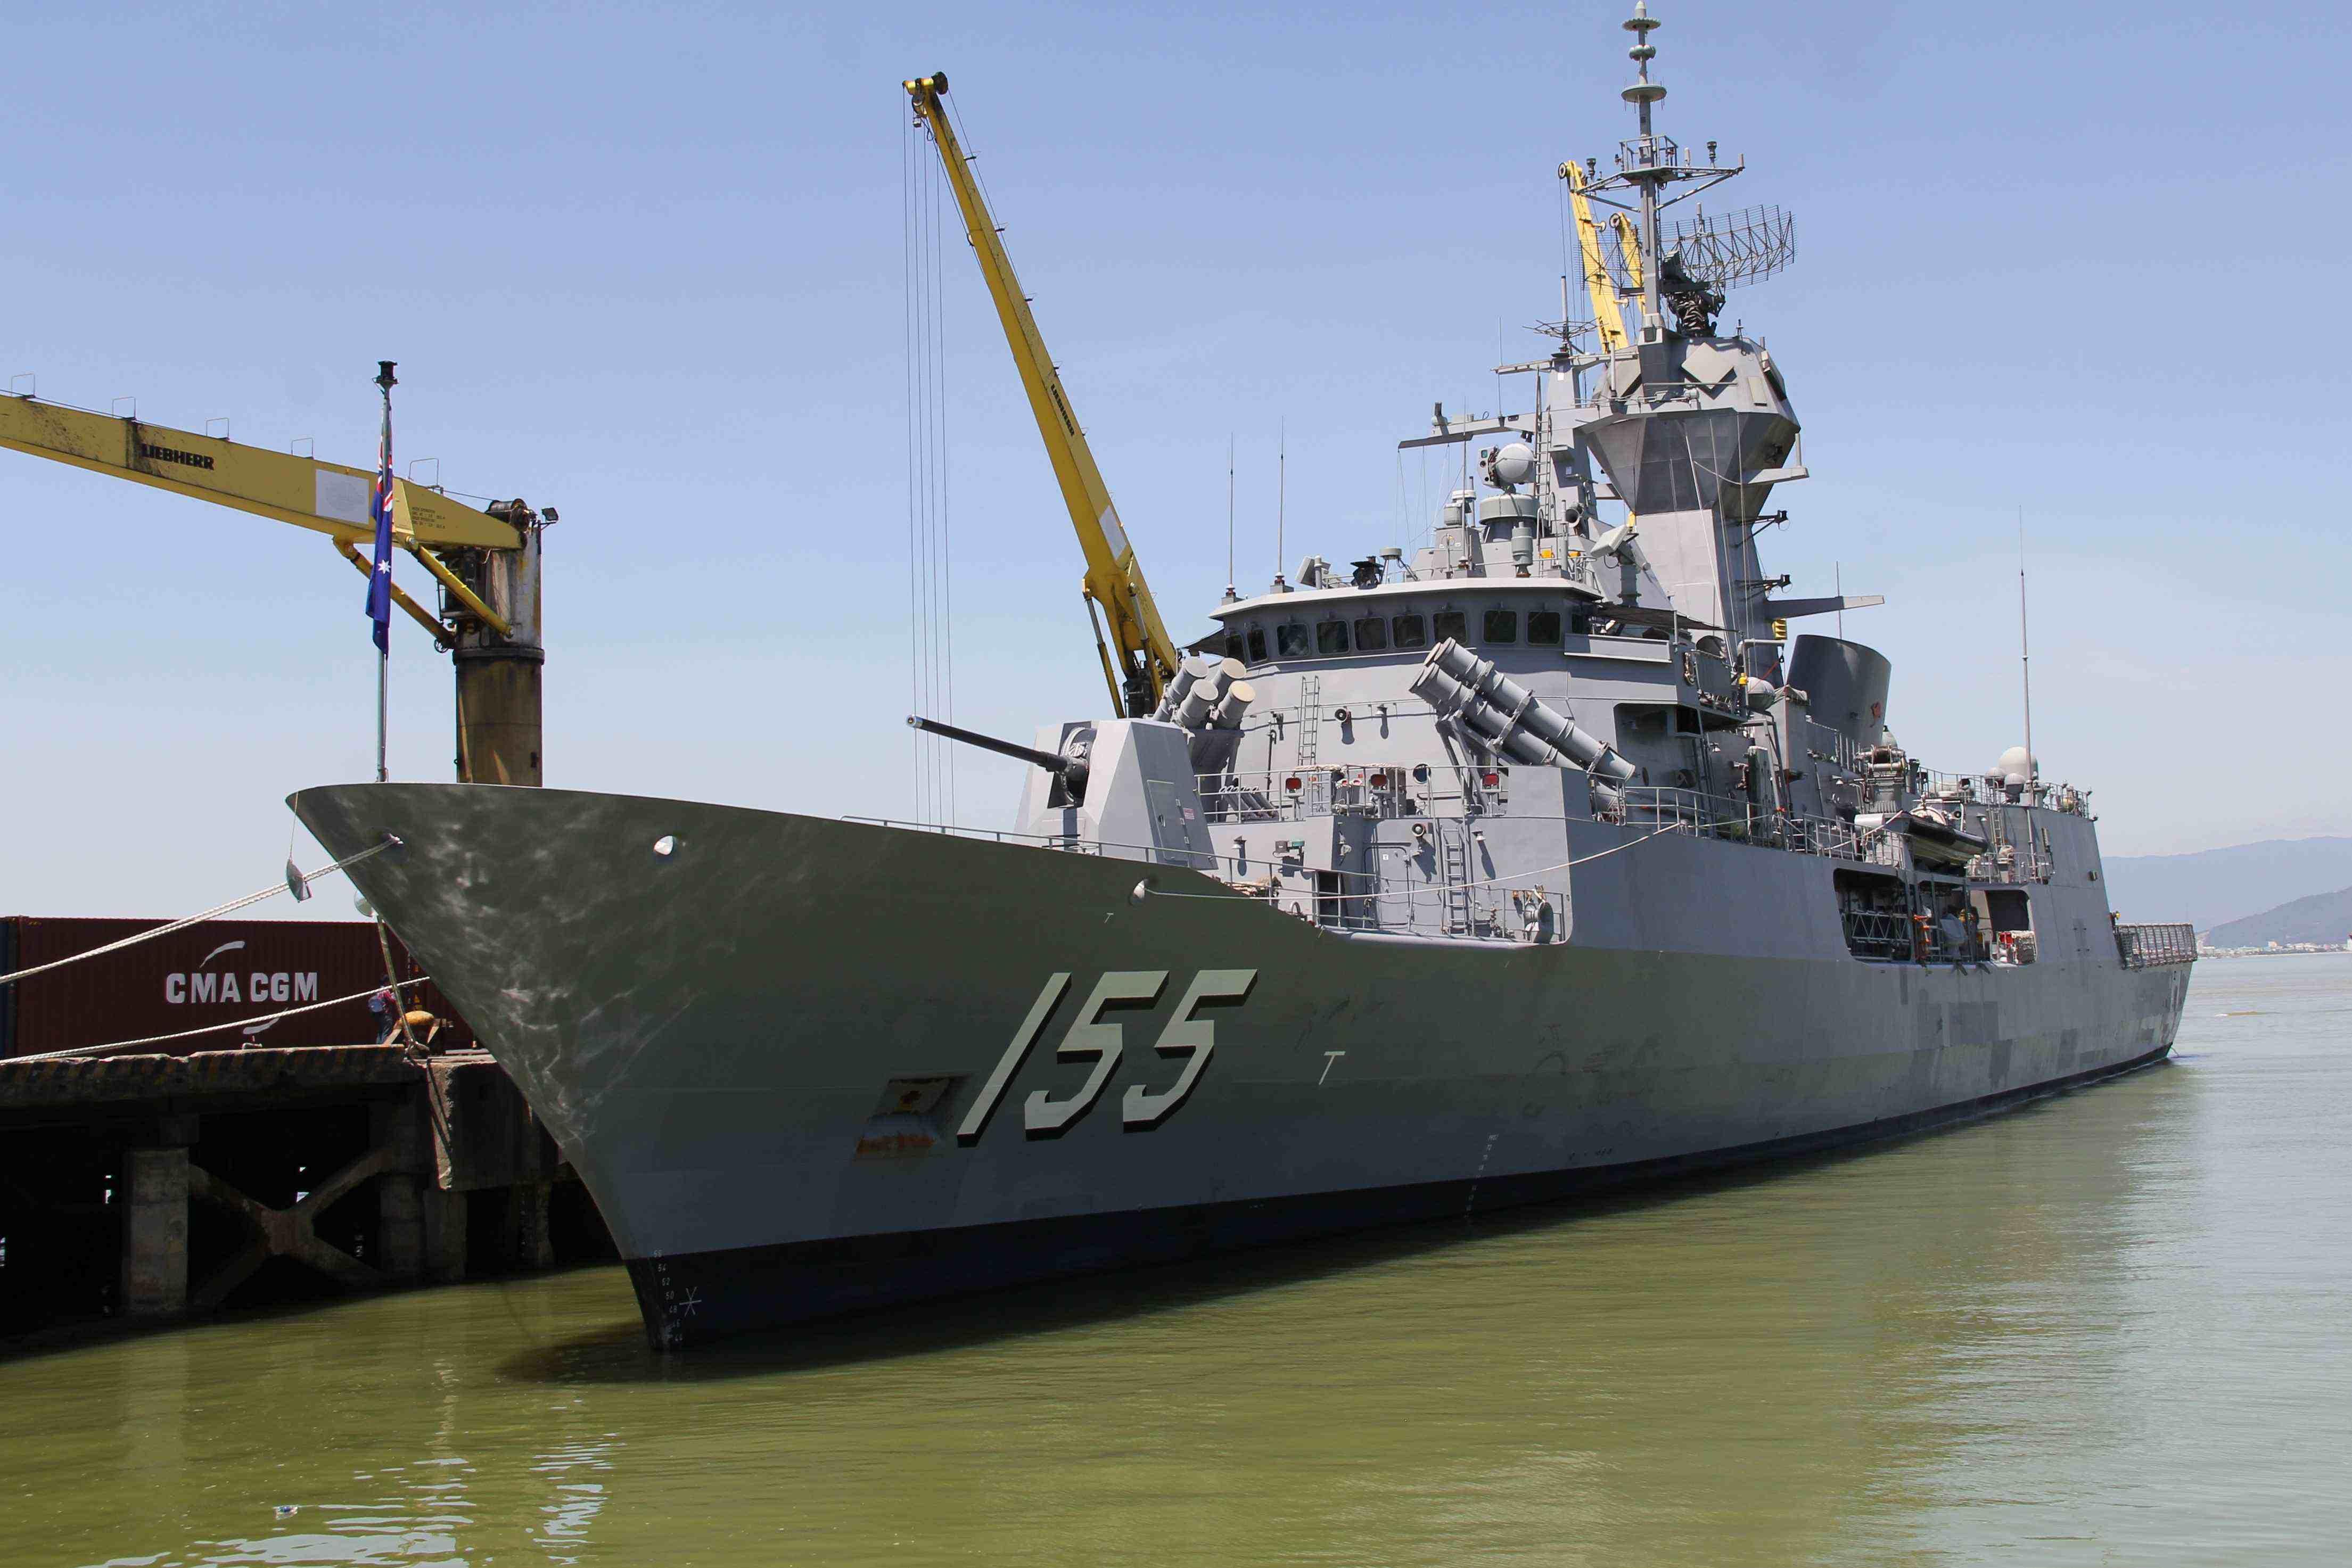 Tàu HMAS Ballarat (Hải quân Úc) trang bị nhiều khí tài hiện đại cập cảng Tiên Sa (Đà Nẵng) vào sáng 4.6. Ảnh: H.S